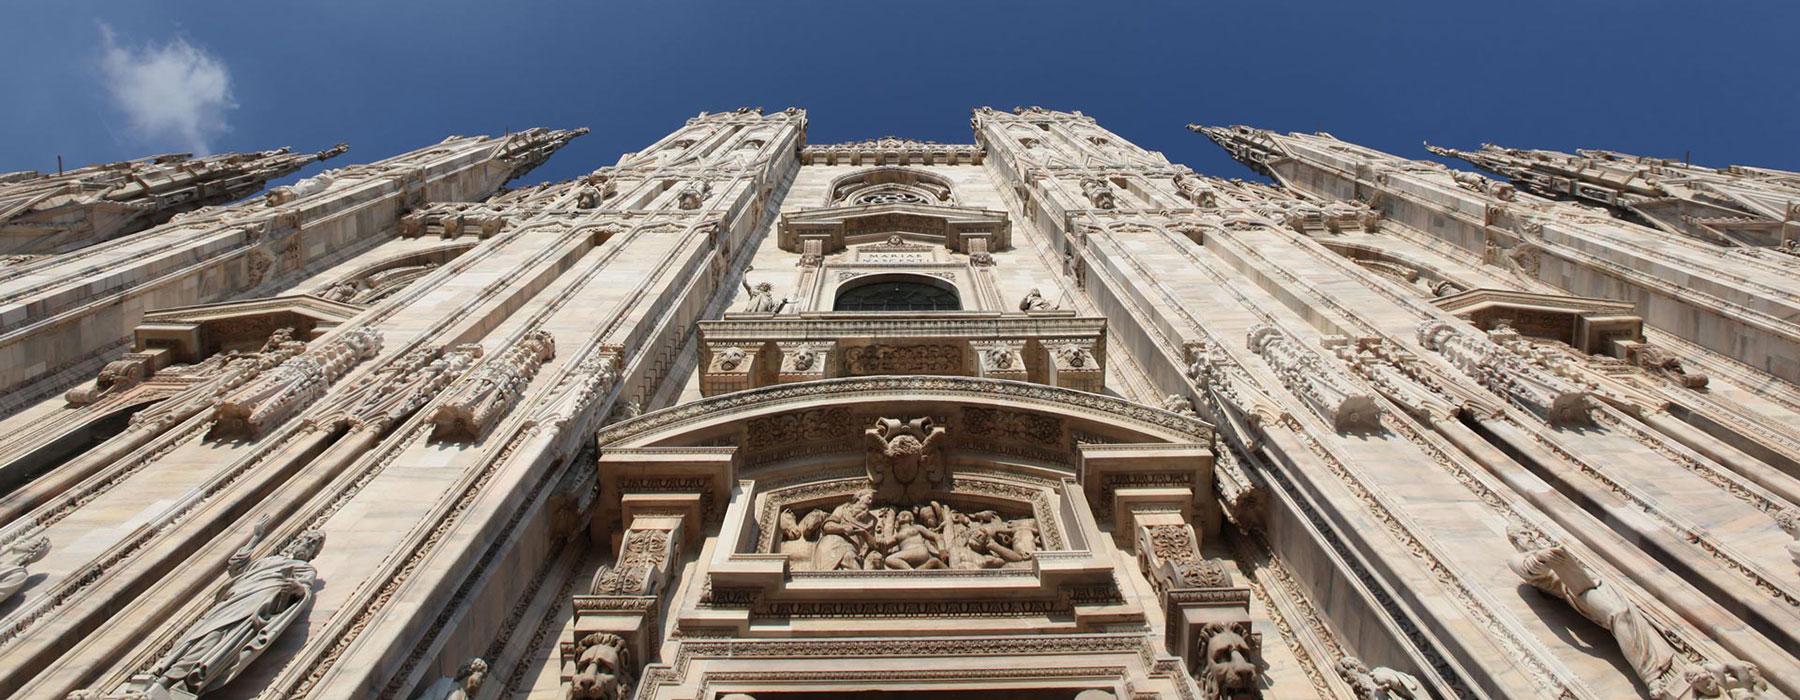 Duomo di Milano | GibArt